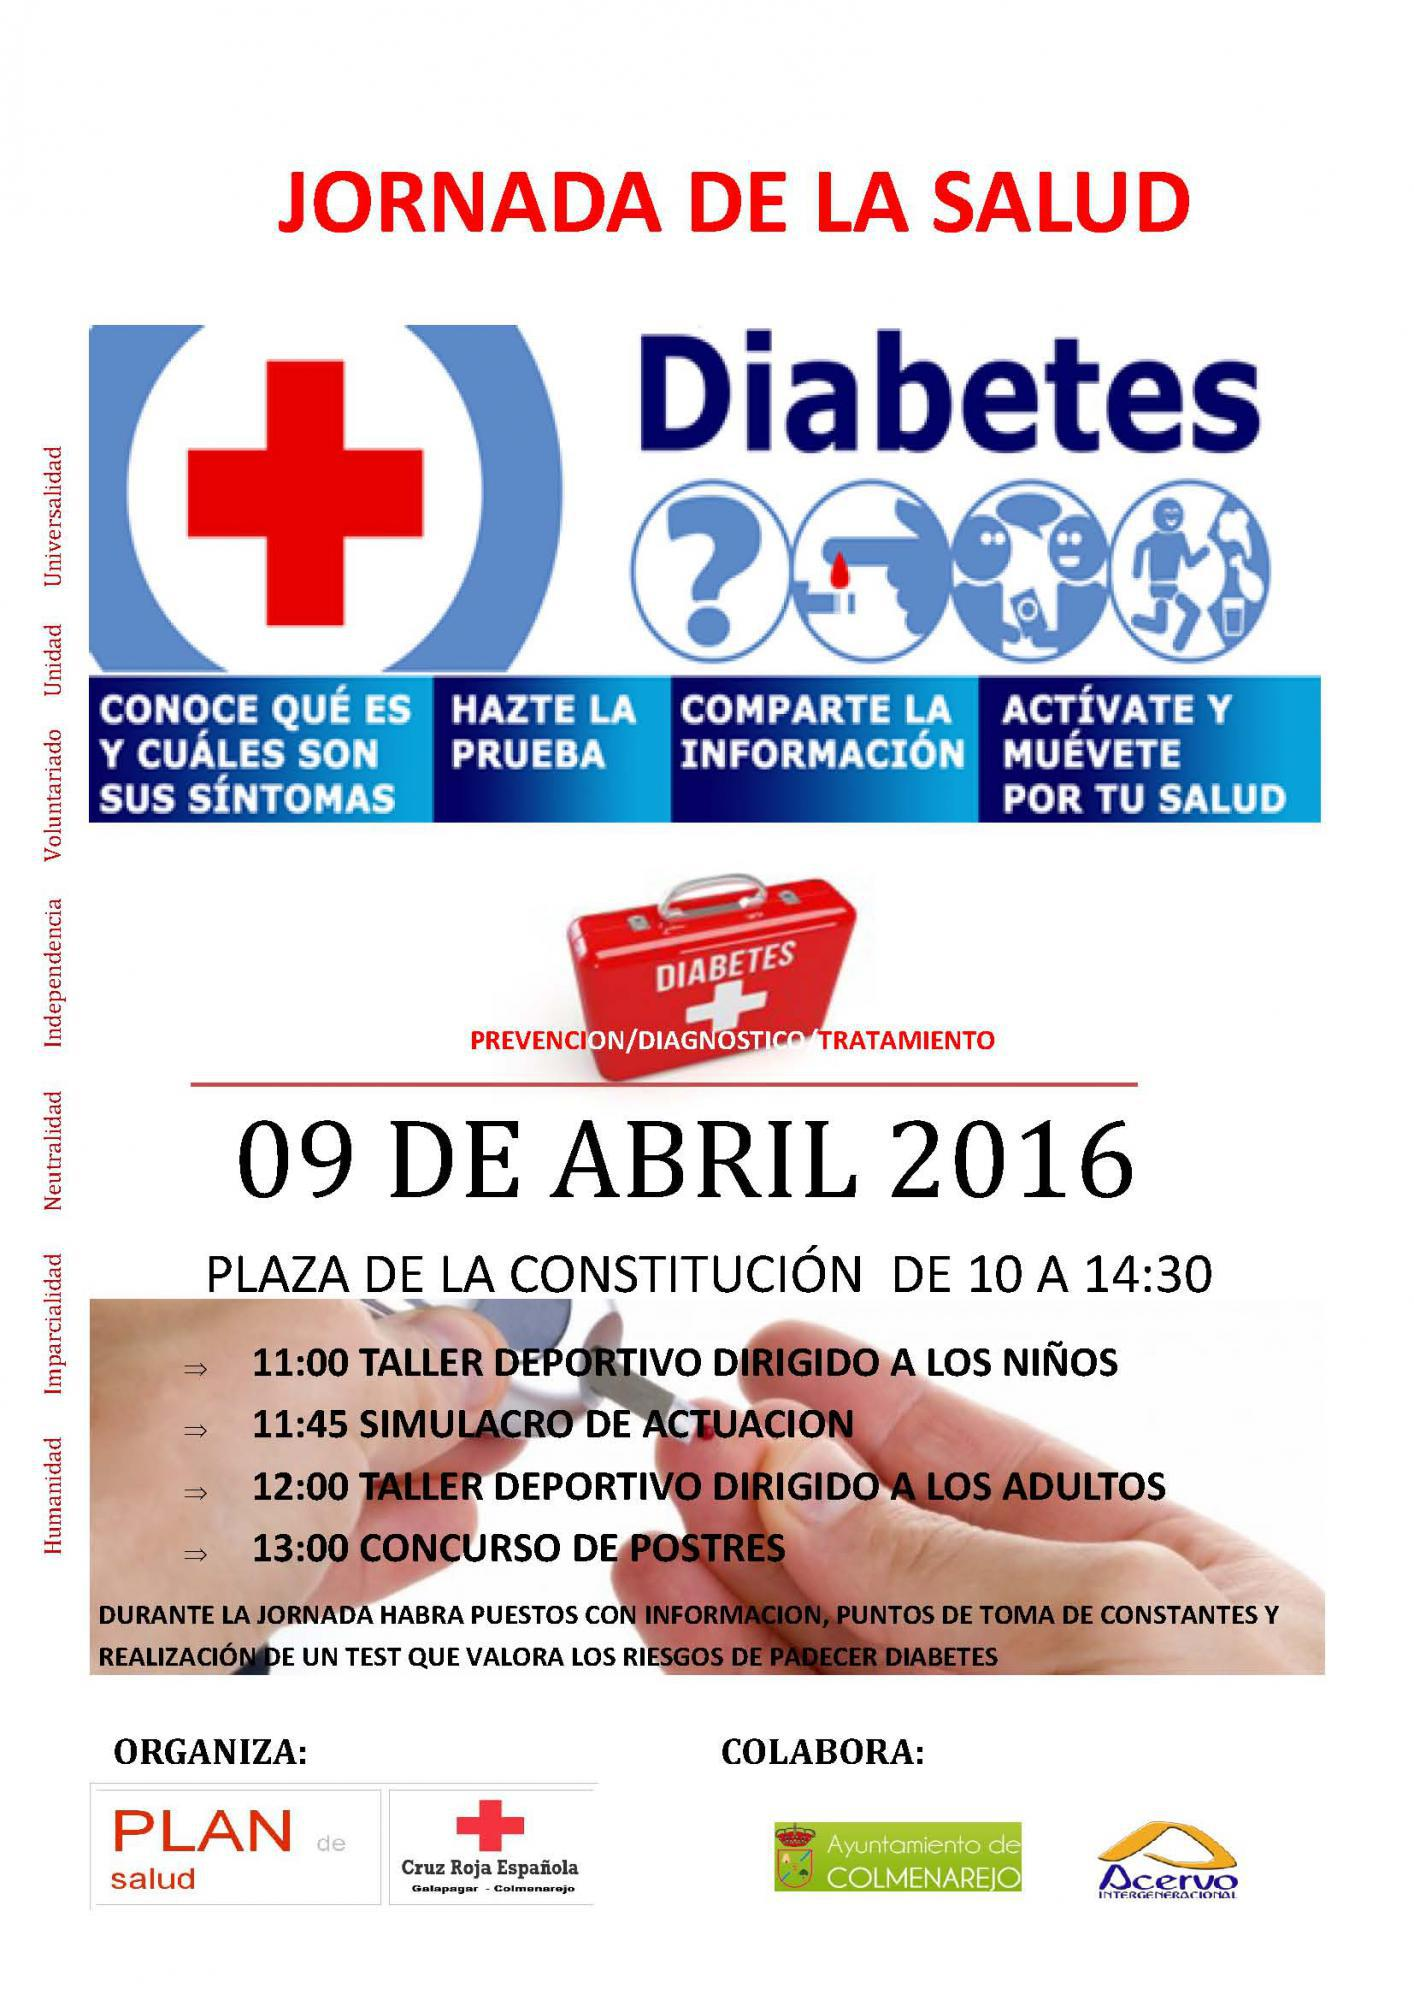 Jornada de la Salud en Colmenarejo